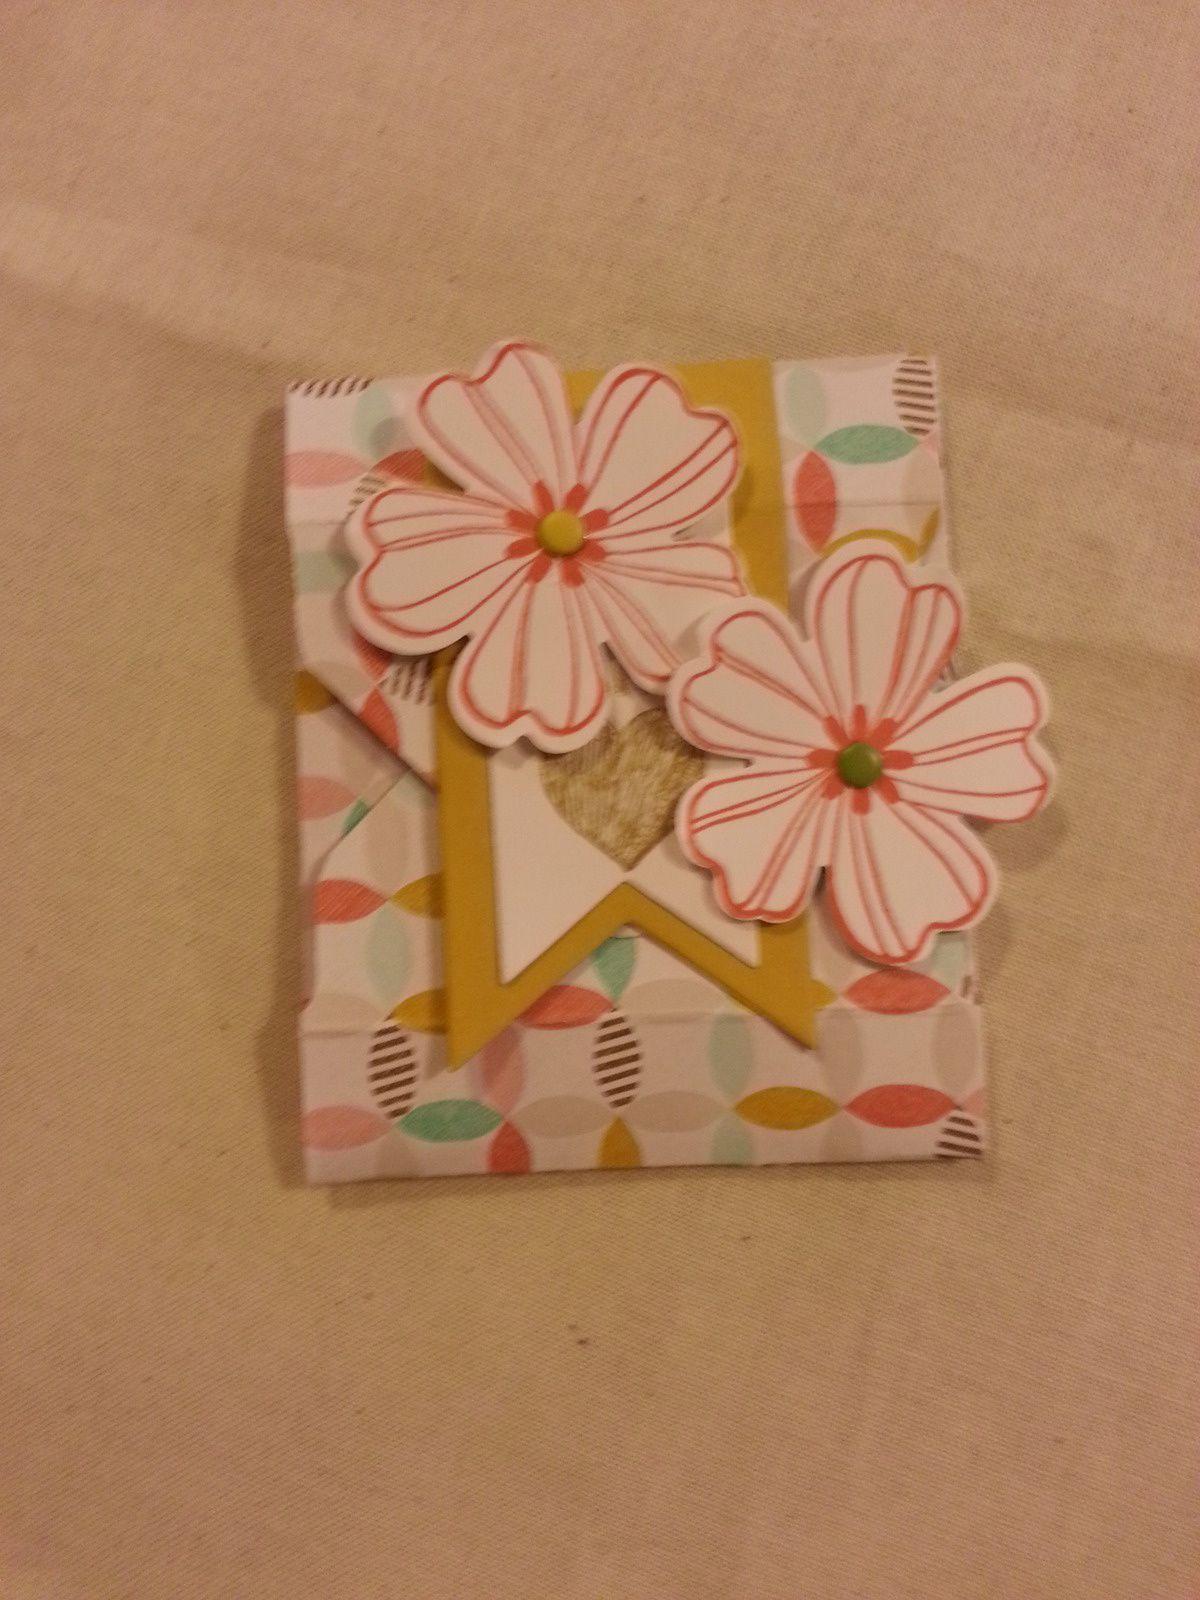 Mini enveloppe ,valisette a thé ,paginer de pâques ,boite carré,,boite rectangulaire.